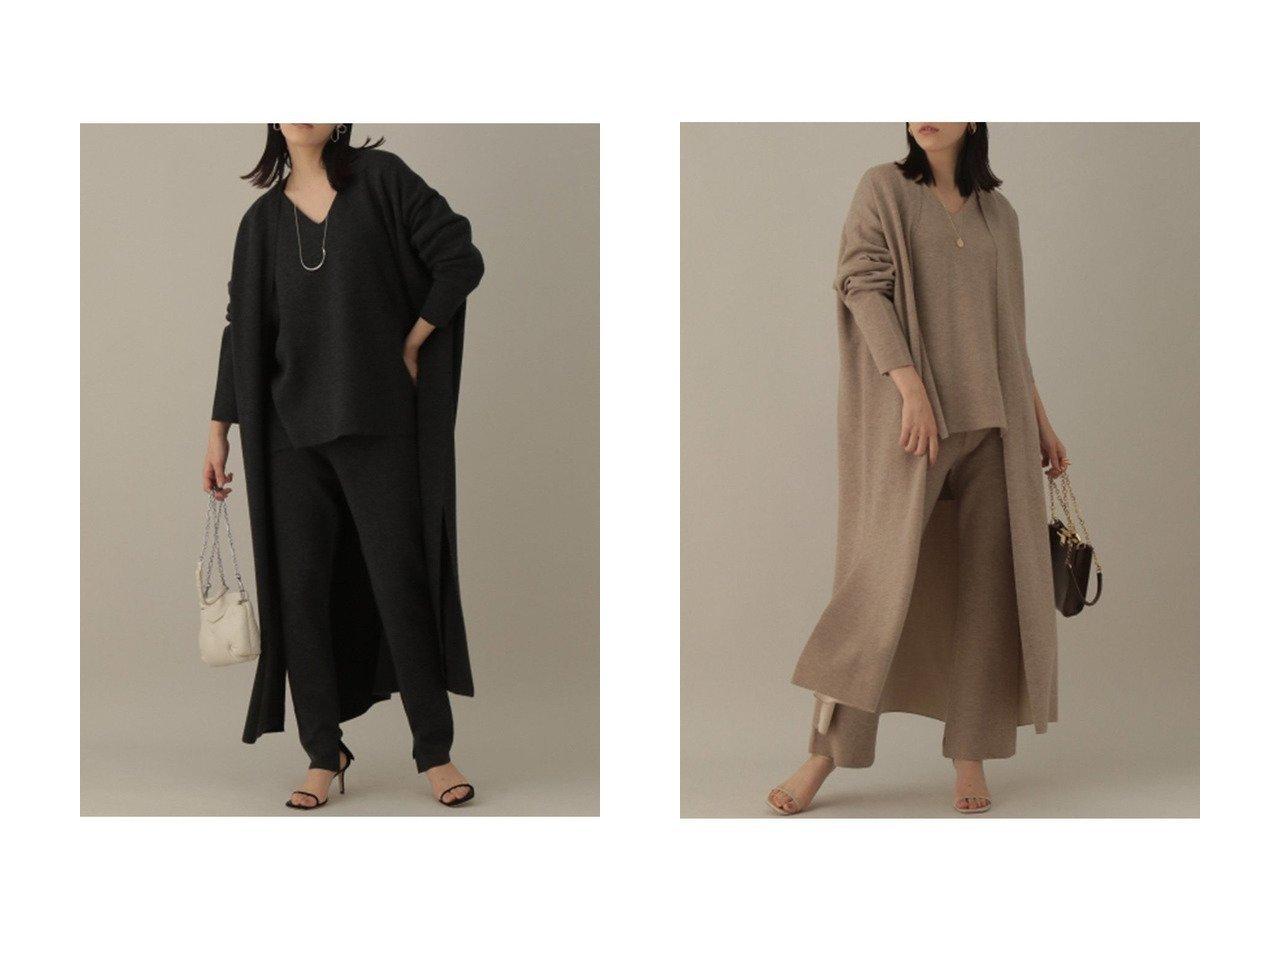 【Chaos/カオス】のラマーリバーロングニットカーディガン 【トップス・カットソー】おすすめ!人気、トレンド・レディースファッションの通販 おすすめで人気の流行・トレンド、ファッションの通販商品 インテリア・家具・メンズファッション・キッズファッション・レディースファッション・服の通販 founy(ファニー) https://founy.com/ ファッション Fashion レディースファッション WOMEN トップス・カットソー Tops/Tshirt ニット Knit Tops カーディガン Cardigans 2020年 2020 2020-2021秋冬・A/W AW・Autumn/Winter・FW・Fall-Winter/2020-2021 2021年 2021 2021-2022秋冬・A/W AW・Autumn/Winter・FW・Fall-Winter・2021-2022 A/W・秋冬 AW・Autumn/Winter・FW・Fall-Winter おすすめ Recommend カーディガン ダブル フェイス ロング 冬 Winter |ID:crp329100000063593